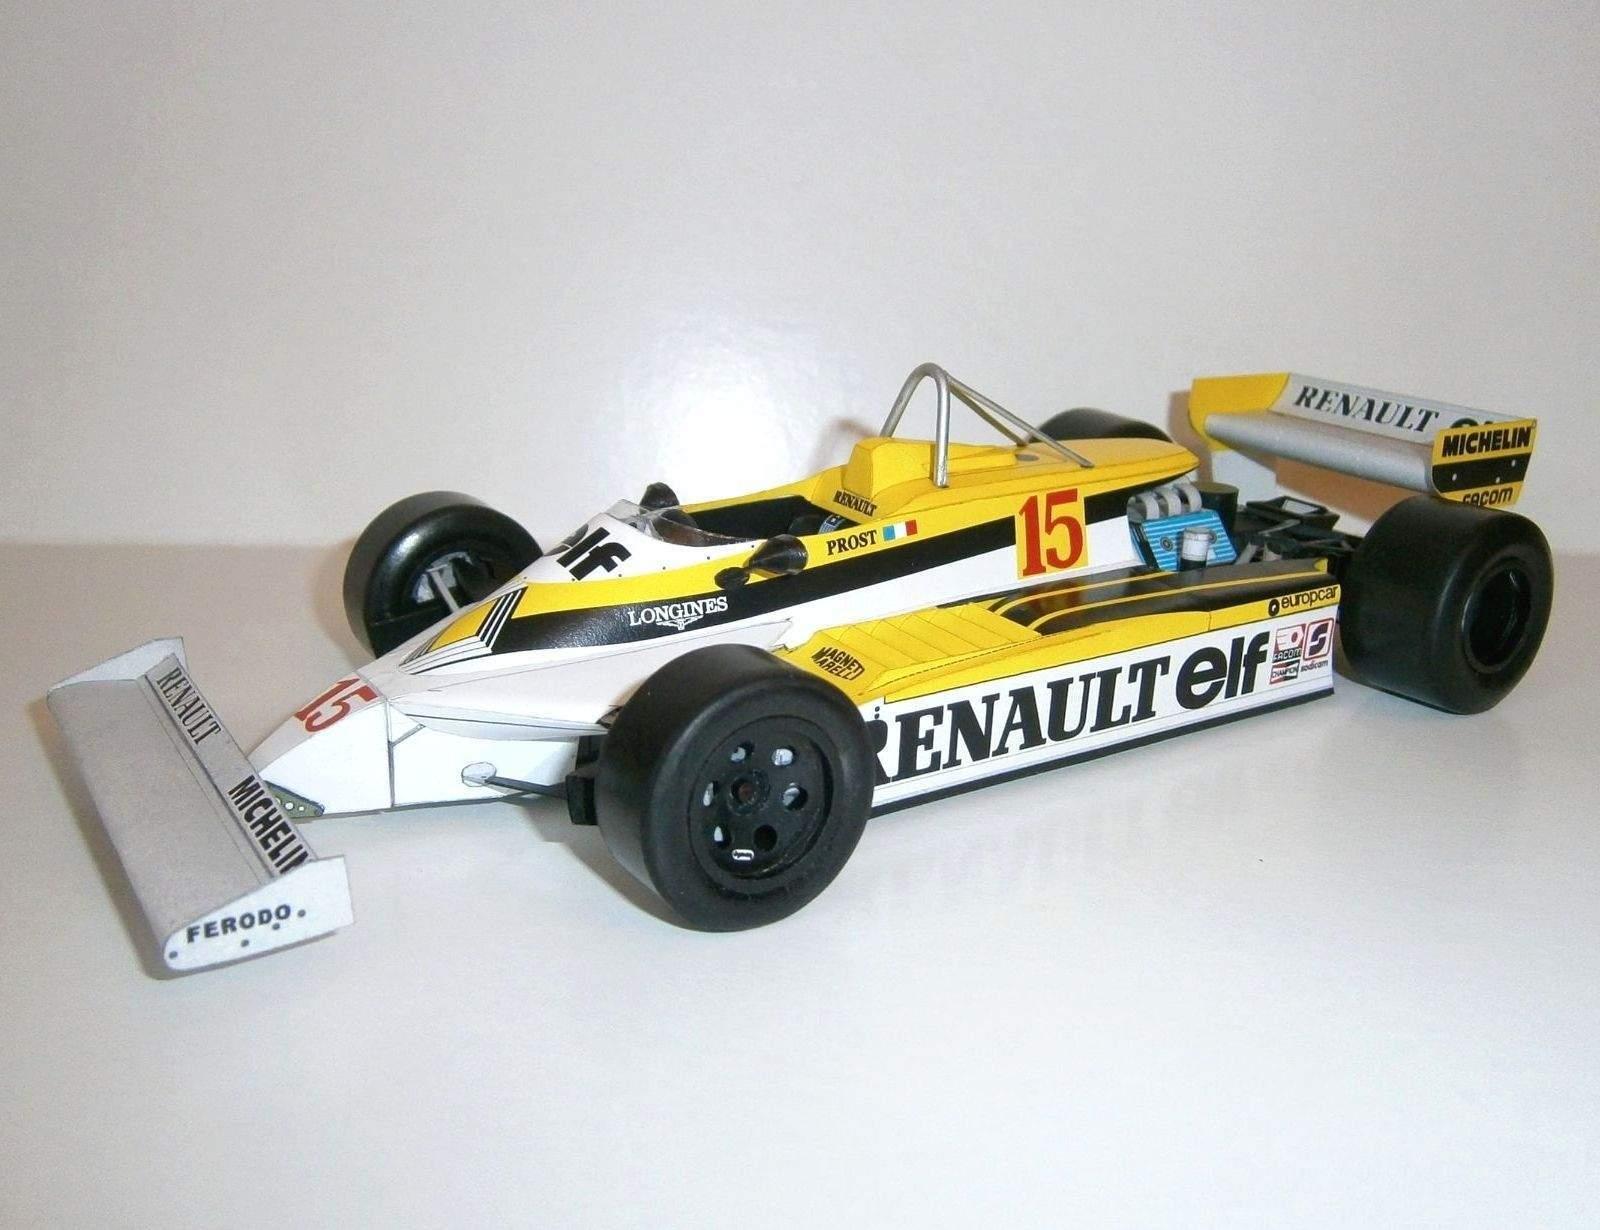 Renault RE30 - A.Prost, GP Belgian - 2.practice 1981